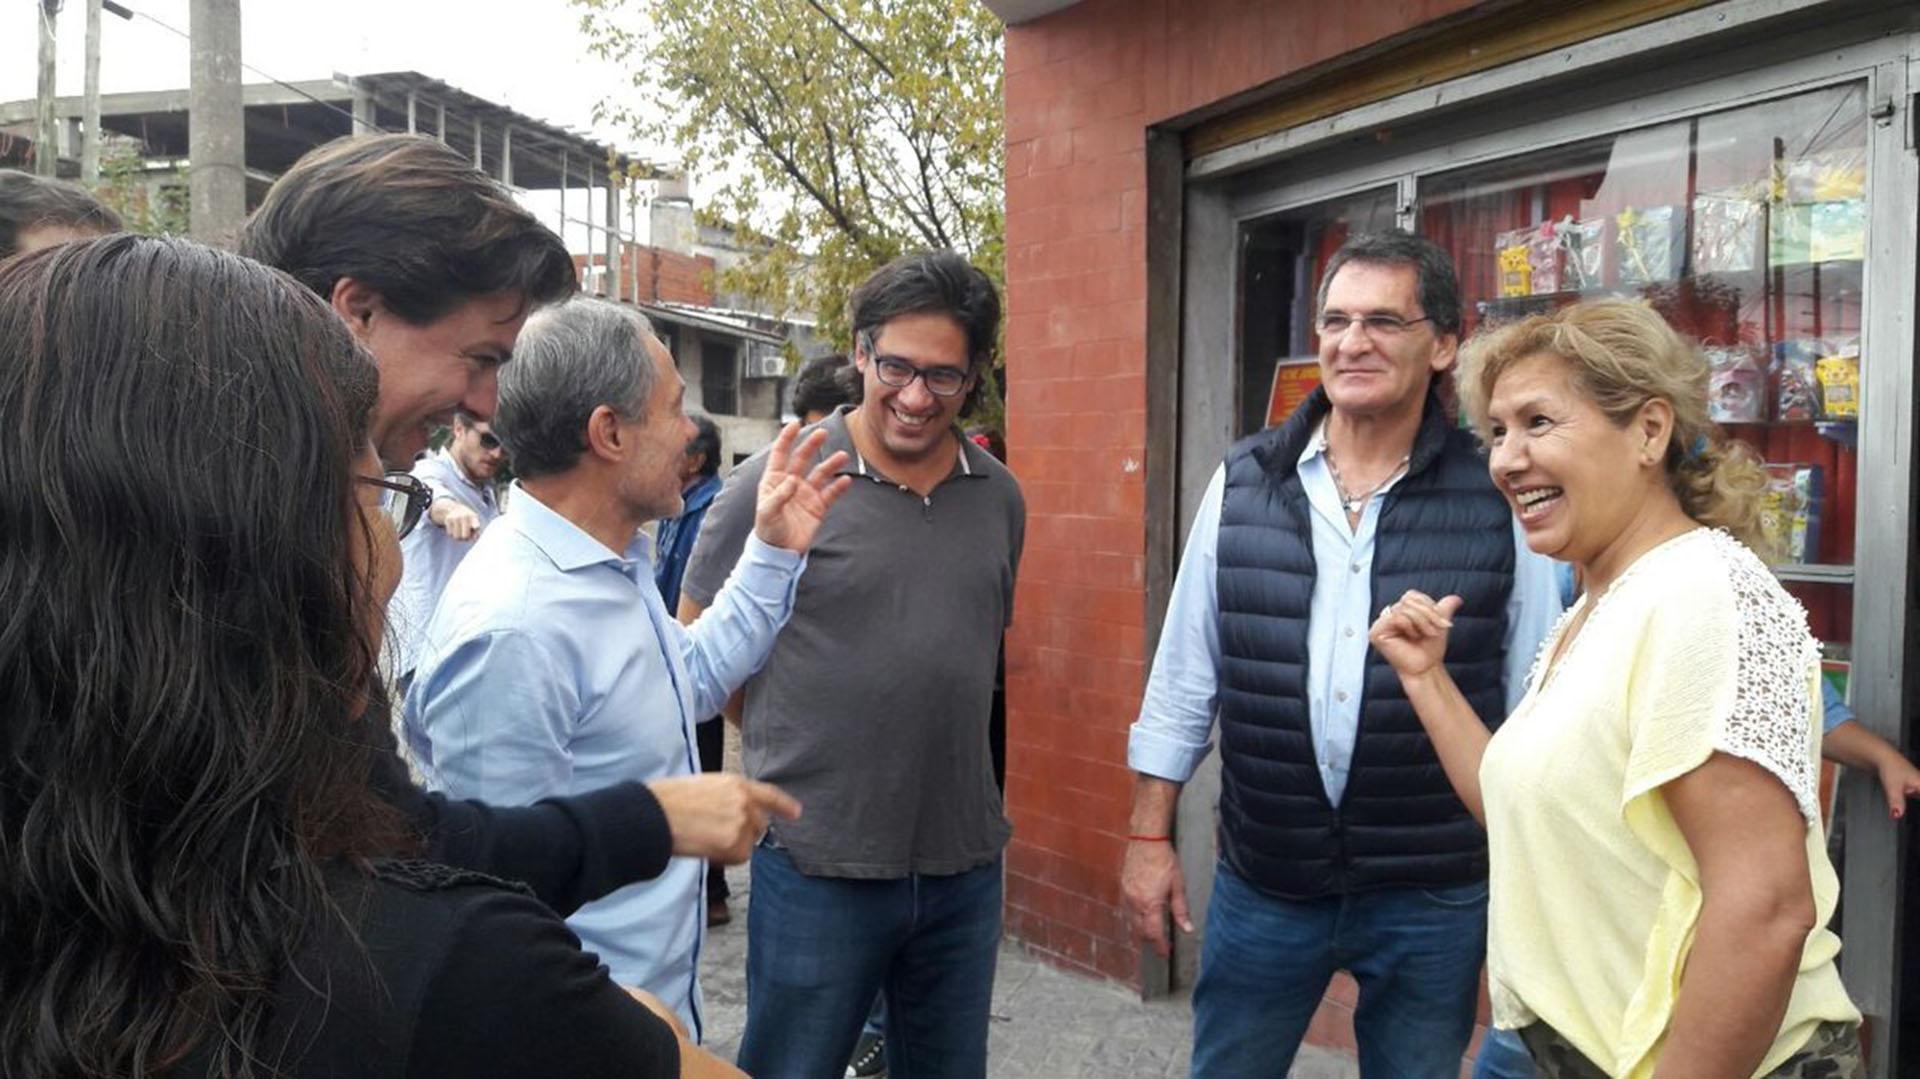 El ministro de Justicia, Germán Garavano, y el secretario de Derechos Humanos, Claudio Avruj, en Lomas de Zamora. Los acompañaron Gustavo Ferrari (ministro de Justicia de la provincia); Martín Casares (jefe de Gabinete del Ministerio de Justicia); y Gabriel Mercuri (concejal)